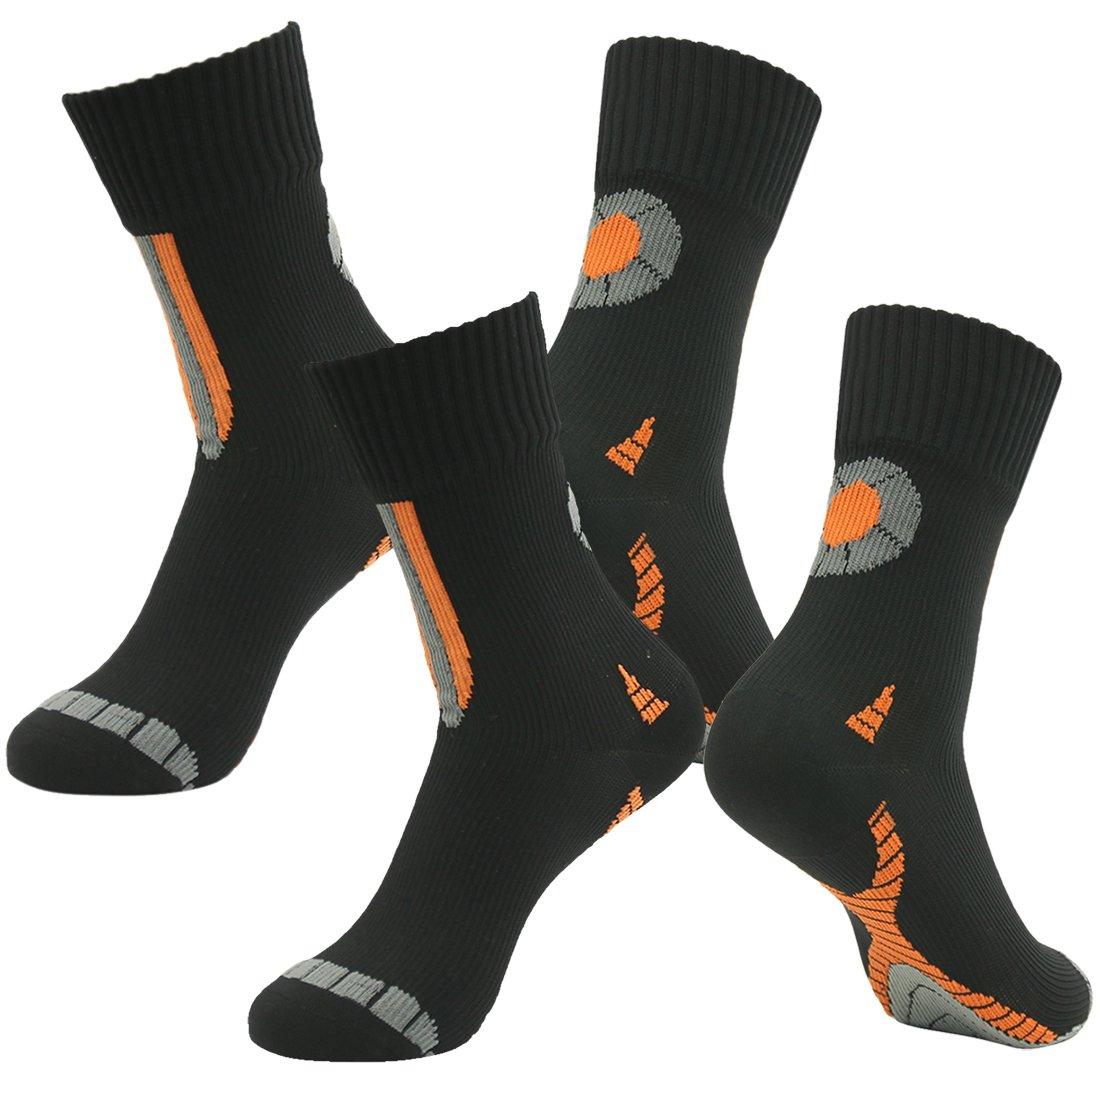 100% Waterproof Socks, RANDY SUN Men's Socks-The Best Socks For Trail Running Obstacles Courses